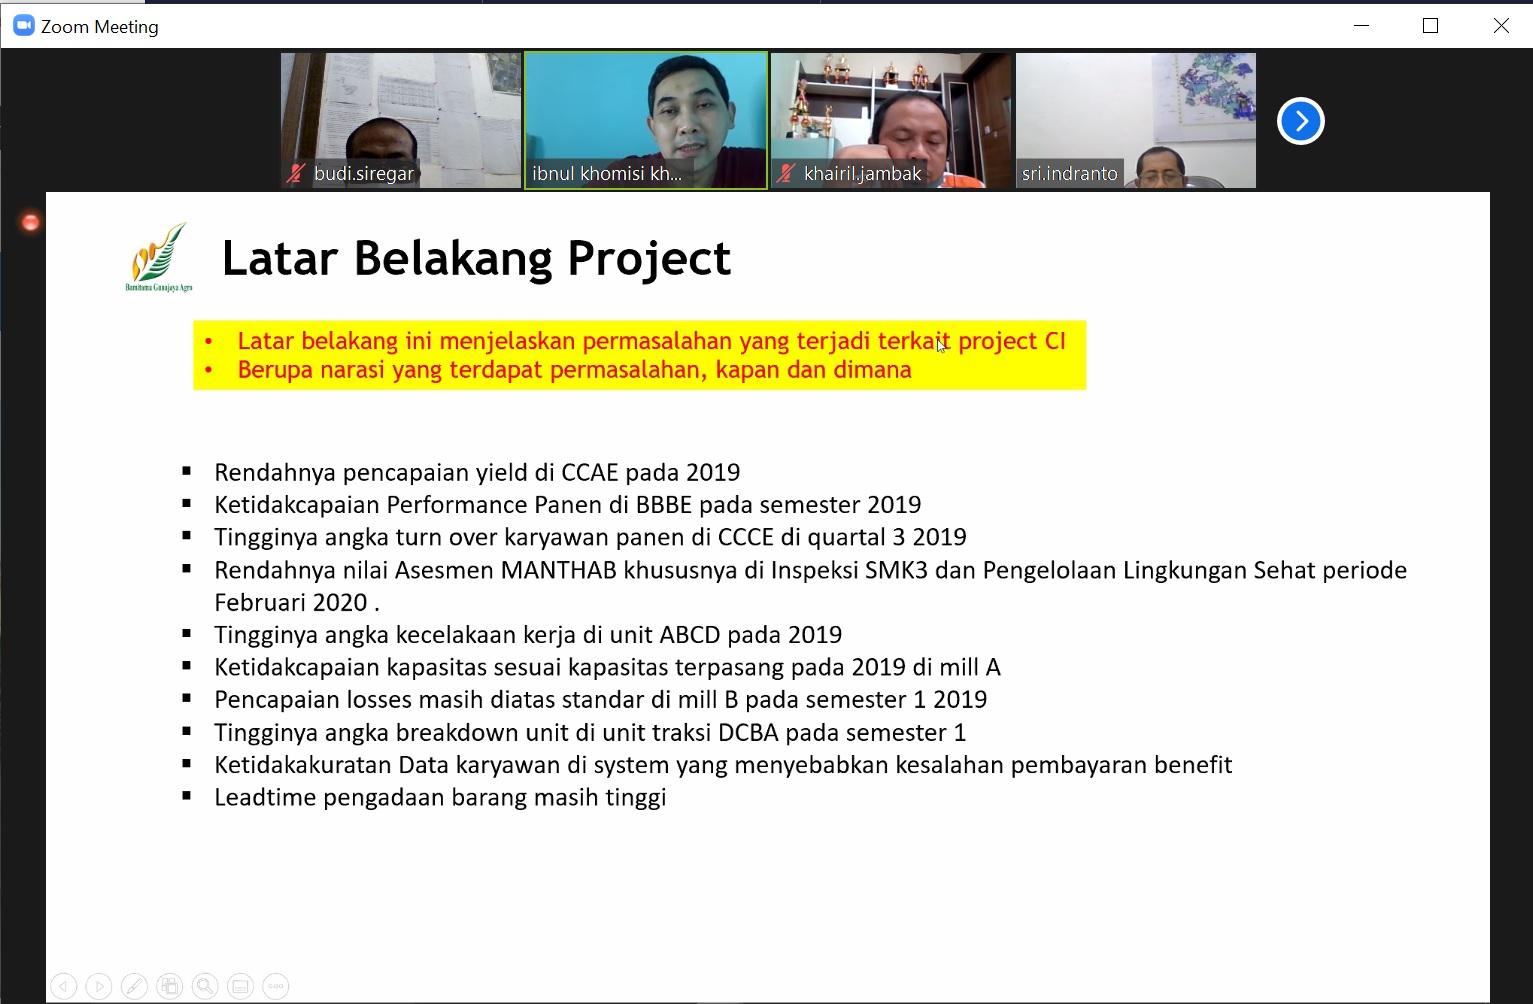 5. Latar Belakang Project